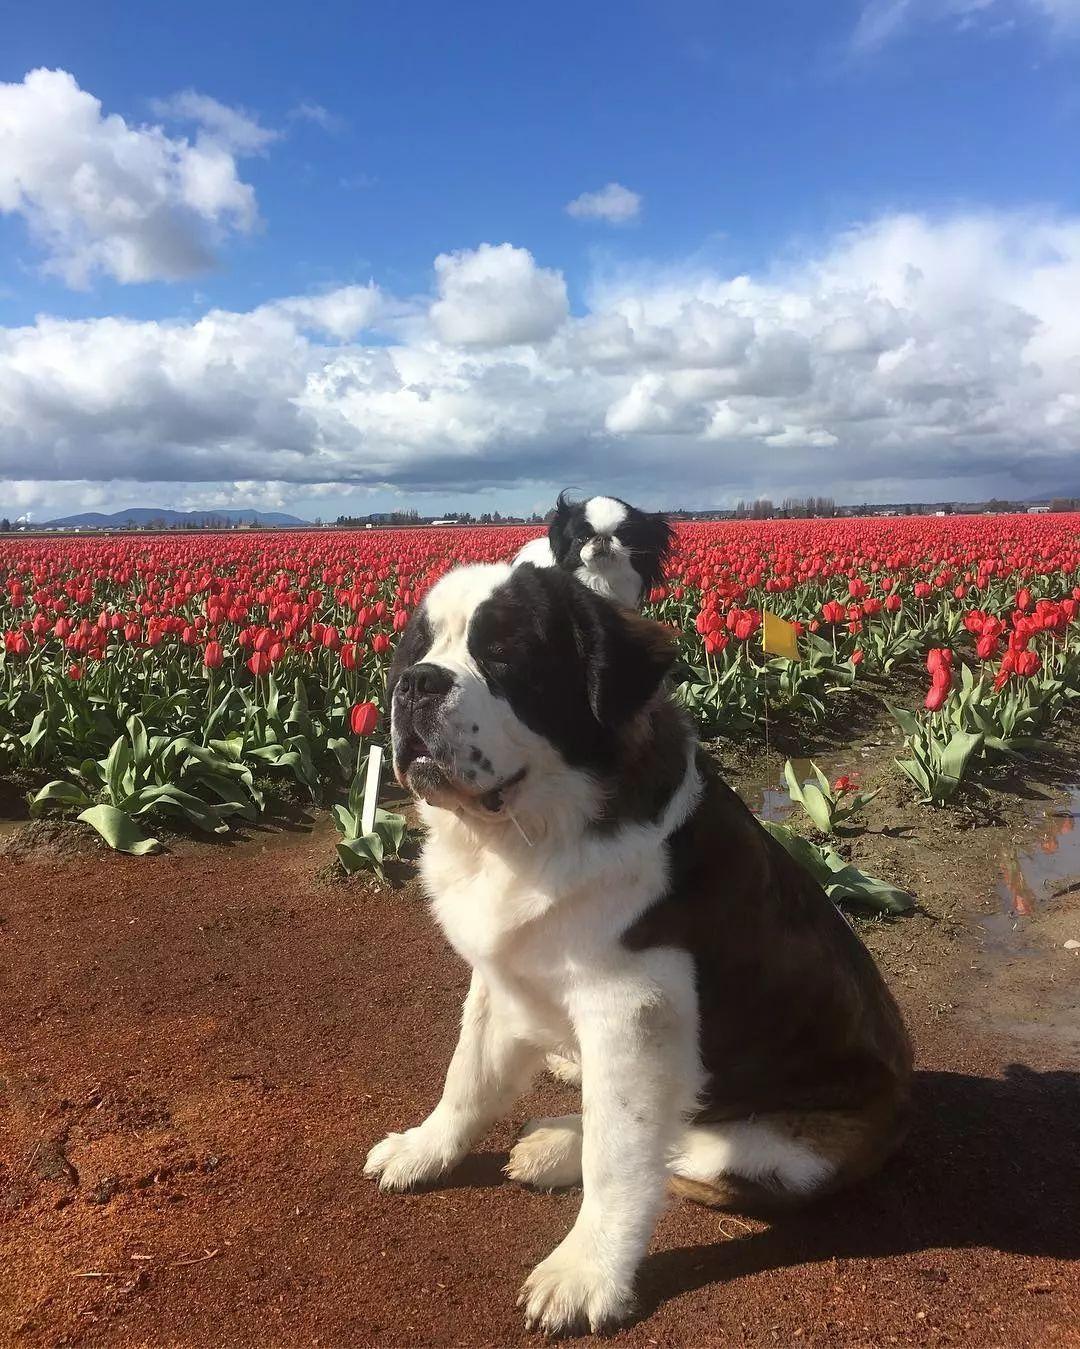 两只狗狗过着很多人梦寐以求的生活,看最美的风景